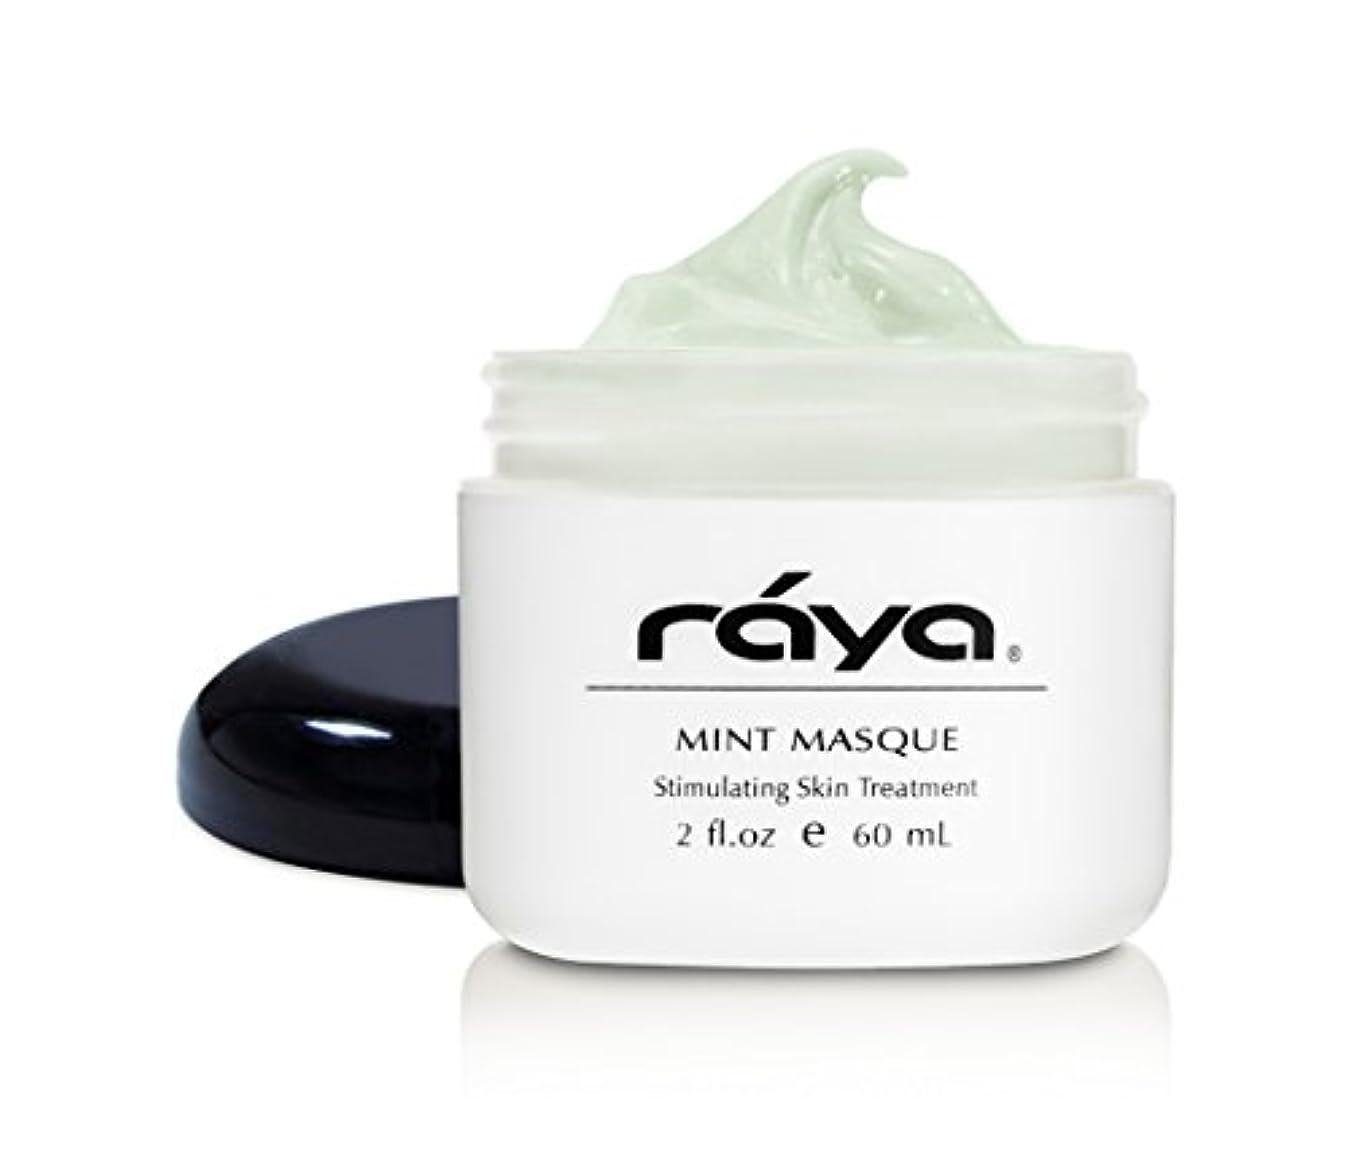 適度にネクタイ彫るRaya ミント仮面(603)|冷却との併用のためのリフレッシュフェイシャルトリートメントマスク、部分的にオイリー、そしてブレイクアウトスキン|最小限に抑え毛穴や磨きをかけるコンプレクション 2 fl-oz ミント